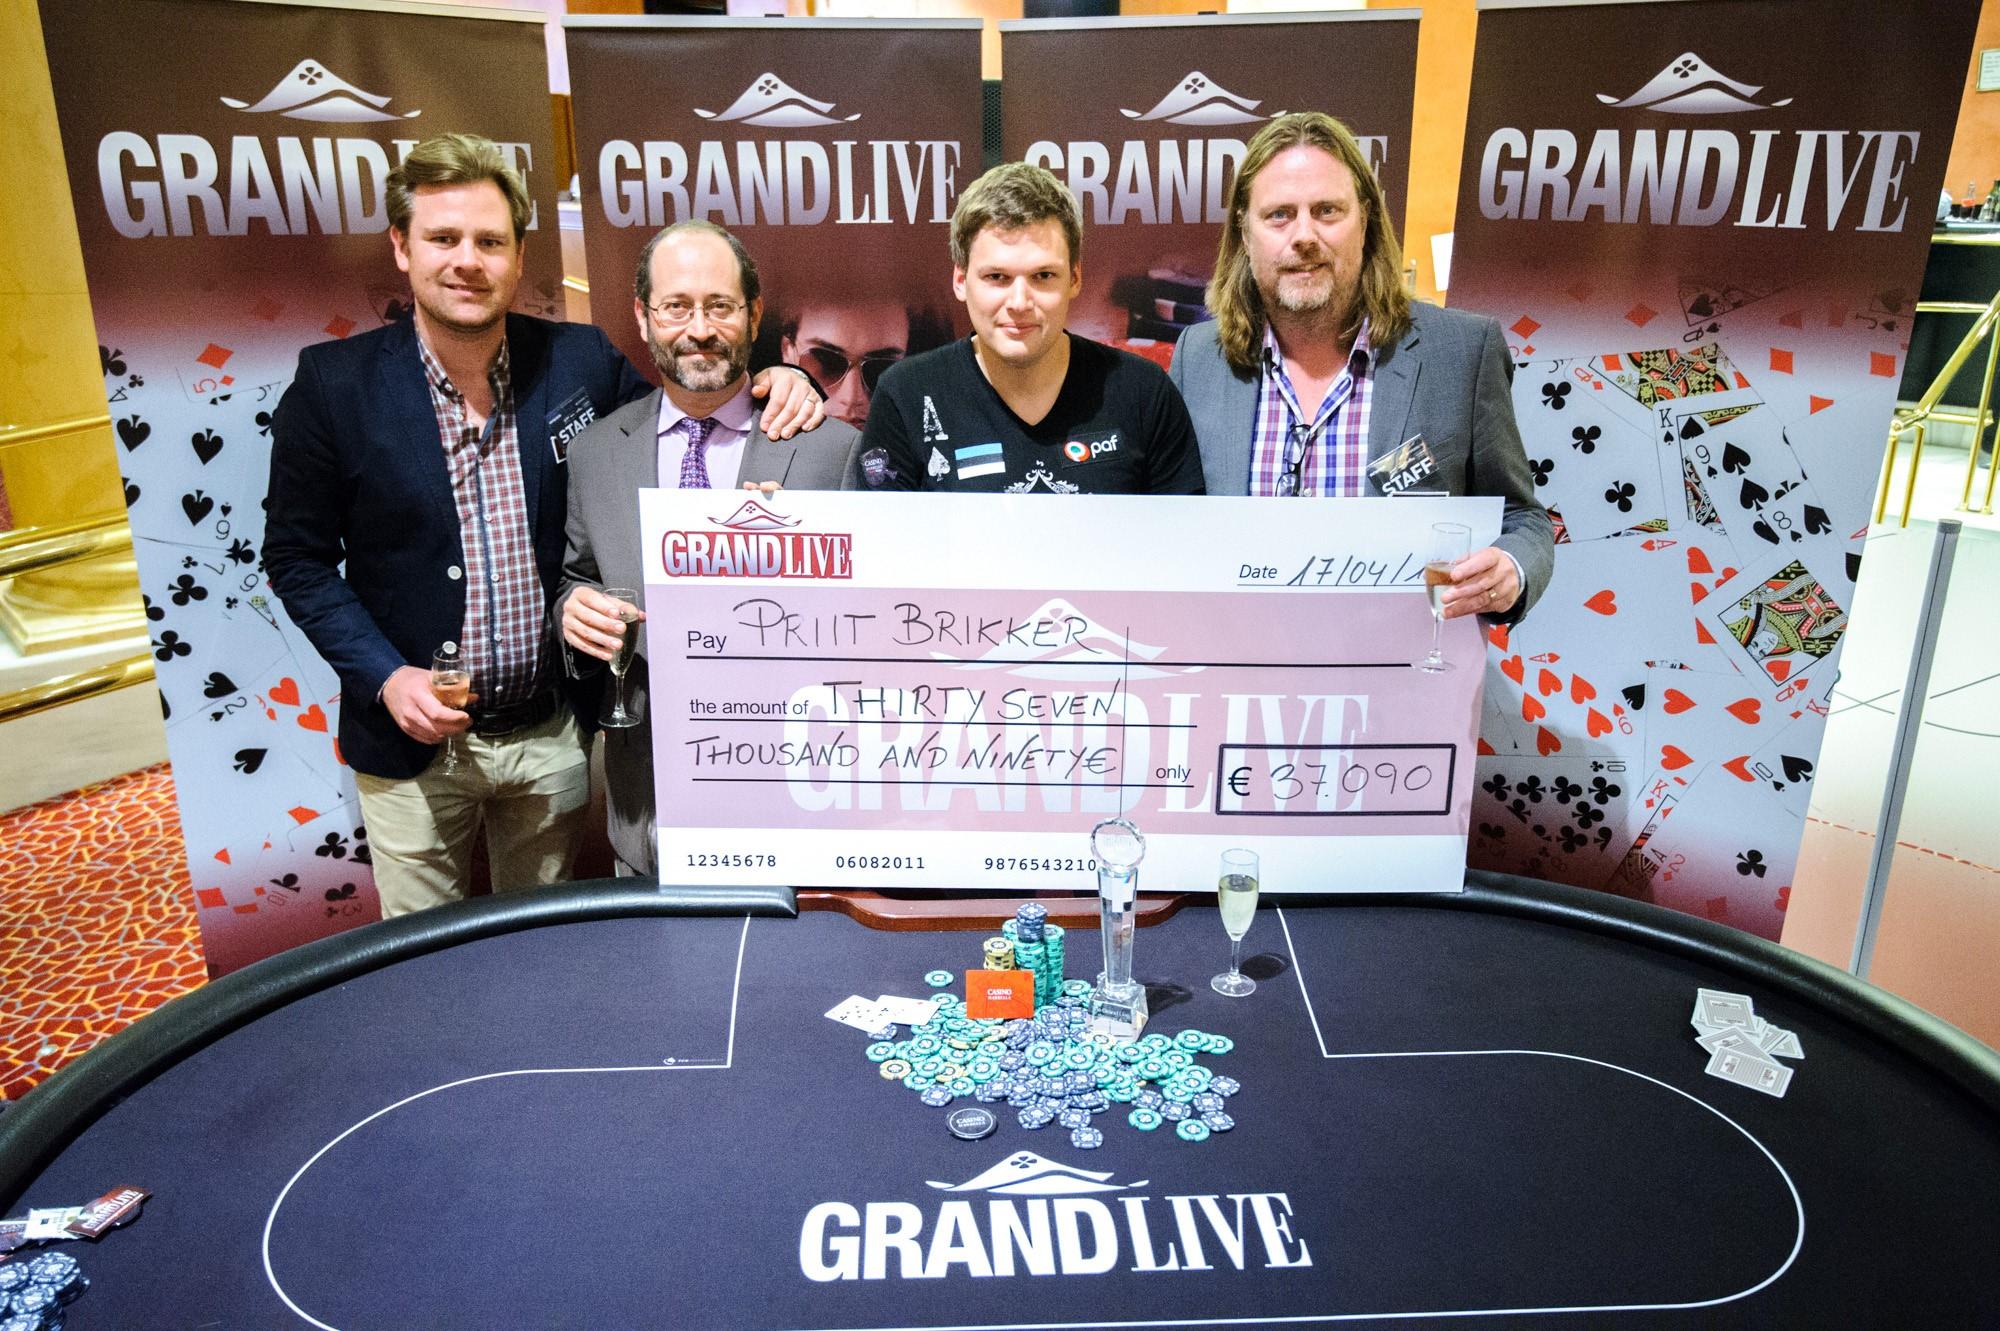 Priit Brikker teenis Grand Live Marbella võiduga 37 090 eurot! 101